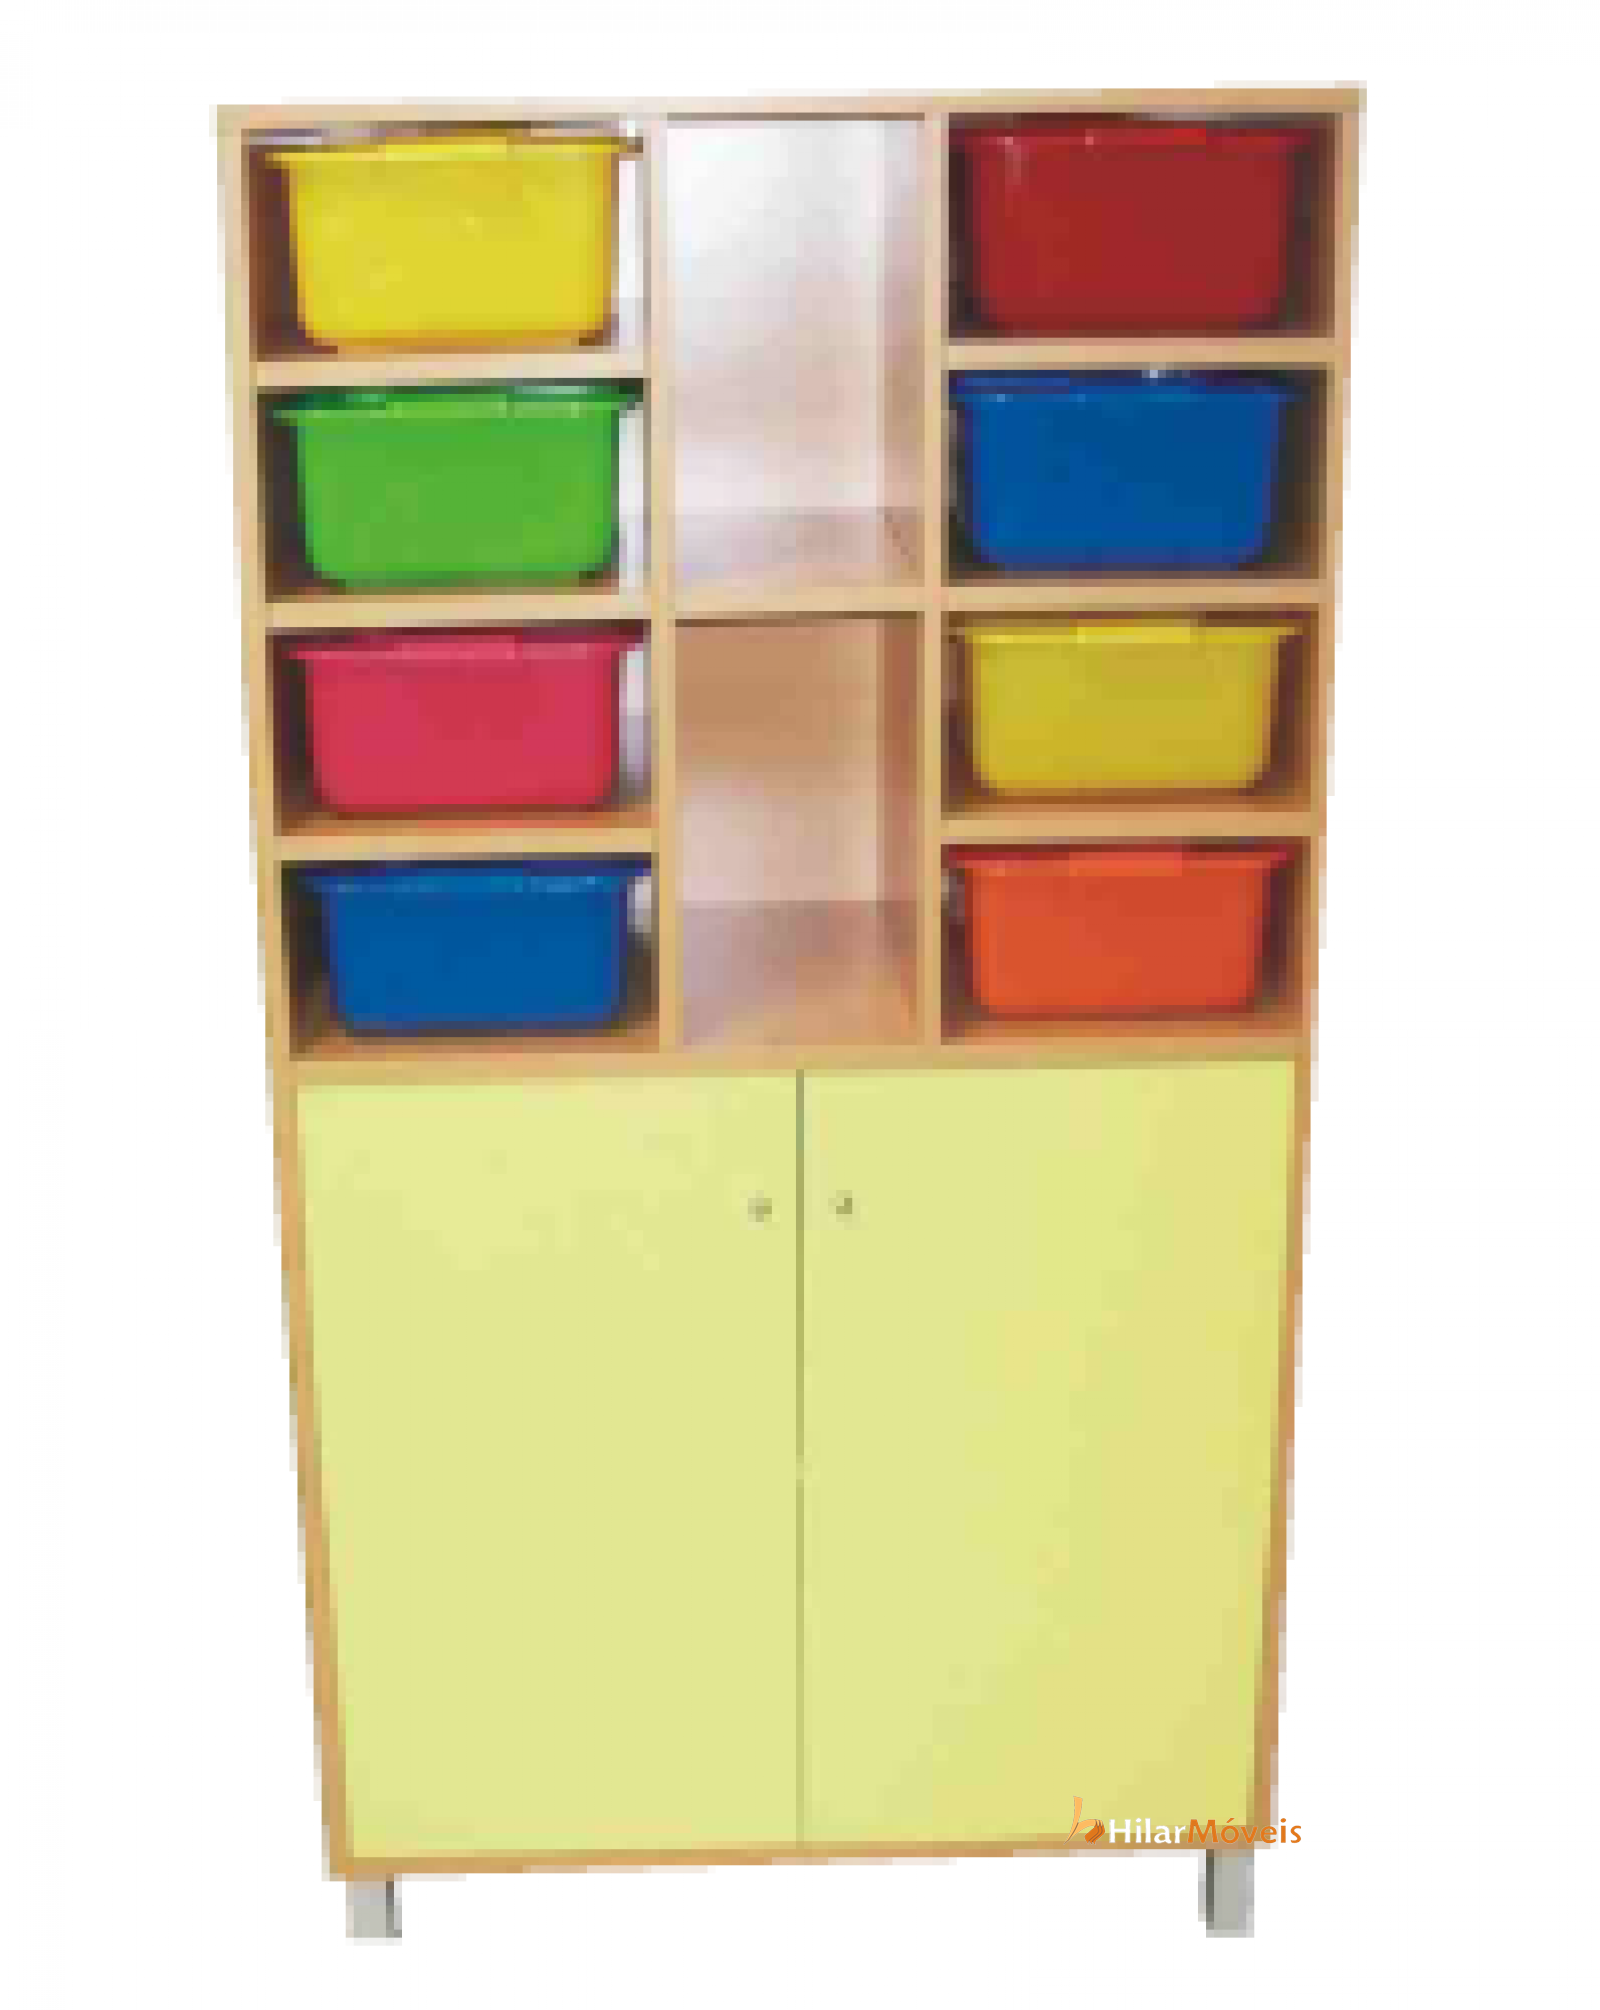 Móvel Aberto na Parte Superior com Caixas e 2 Portas na Parte Inferior